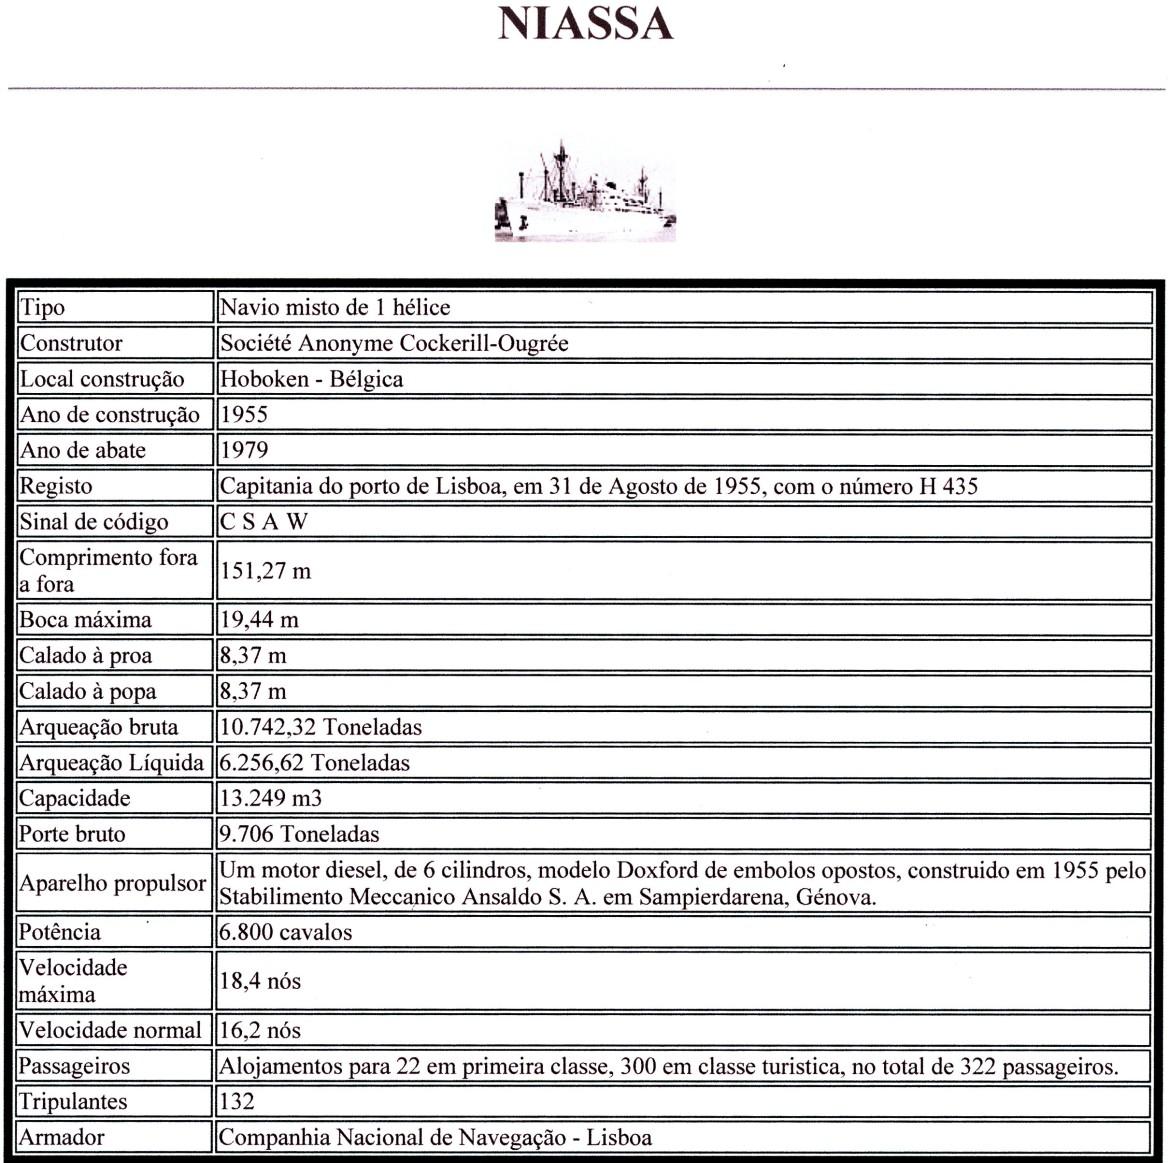 00591 dados do Niassa